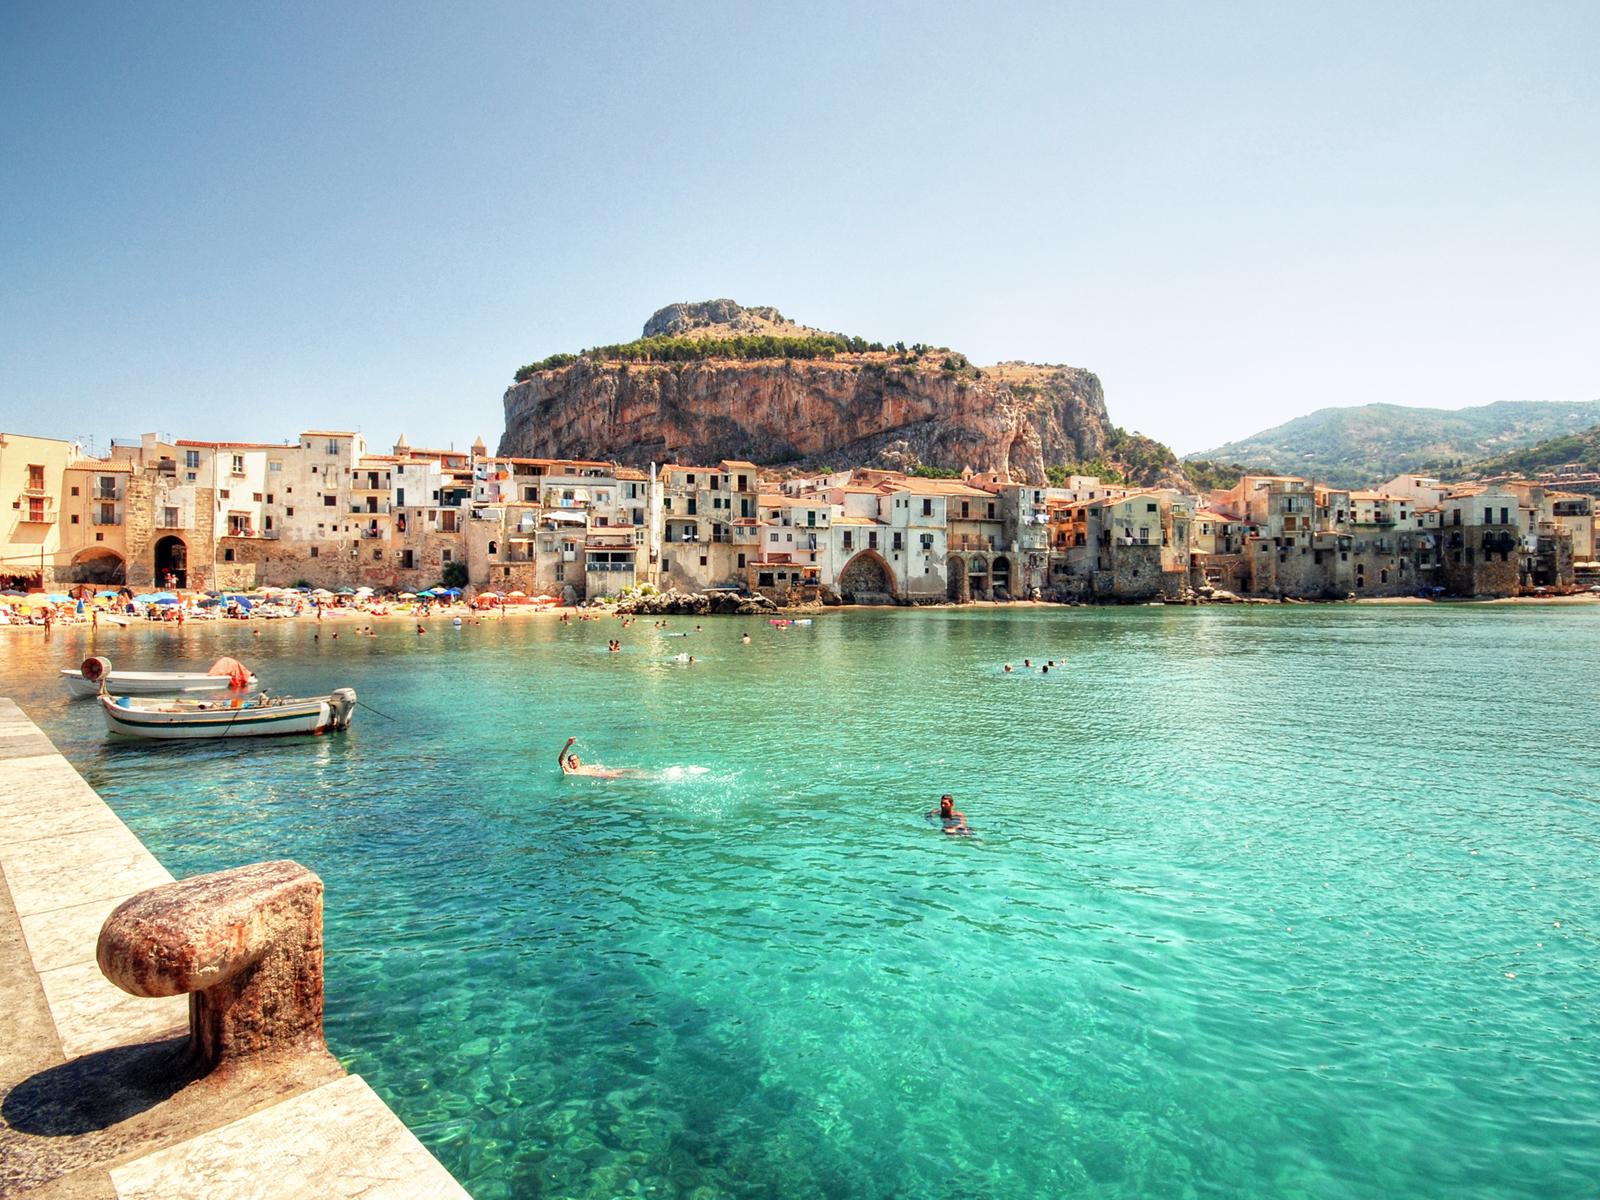 port-de-cefalu-en-sicile-au-large-de-l-italie